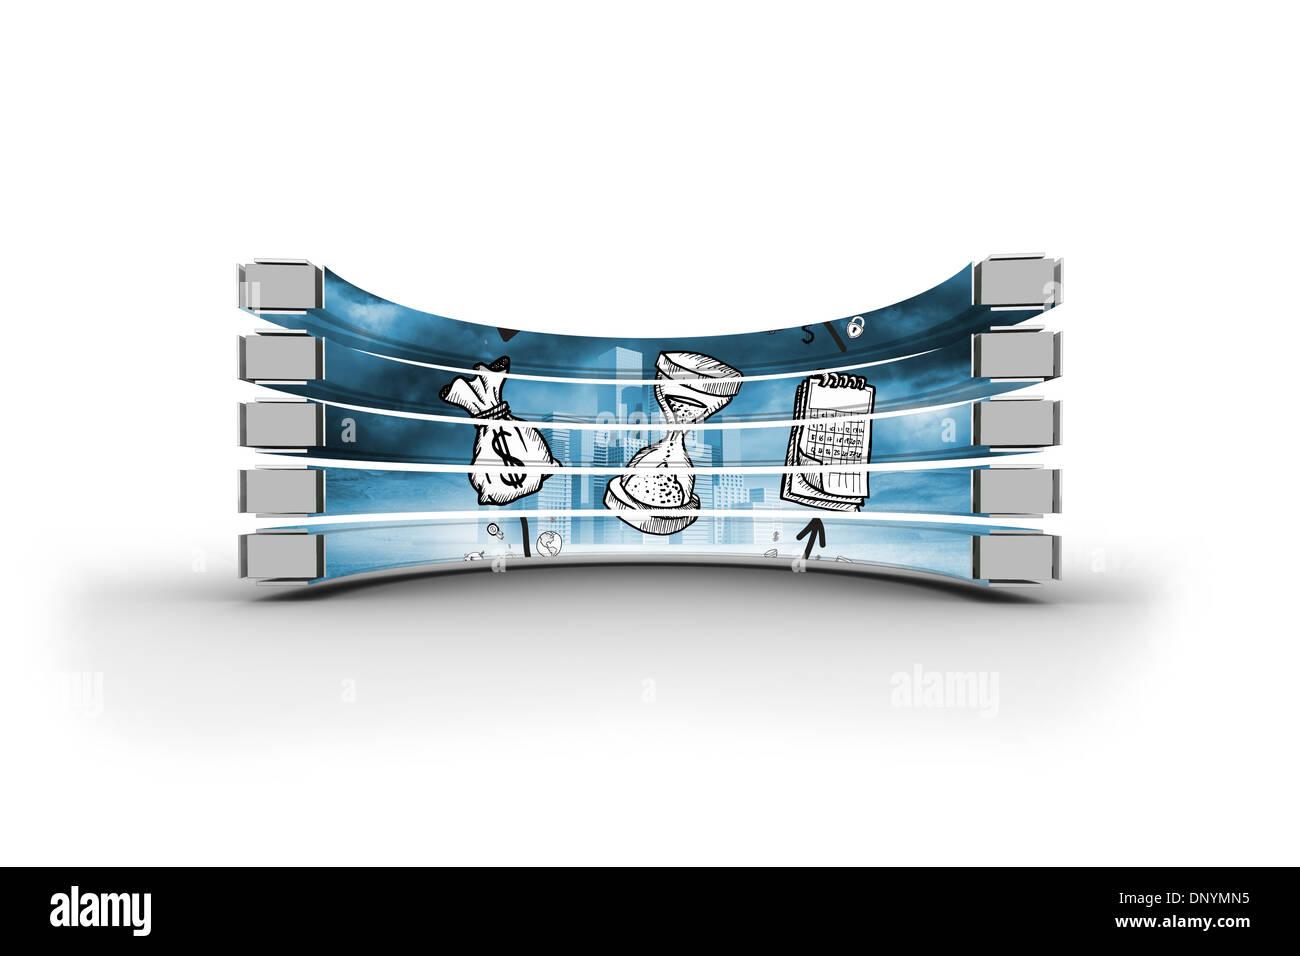 El tiempo y el concepto de beneficio en pantalla abstracto Imagen De Stock